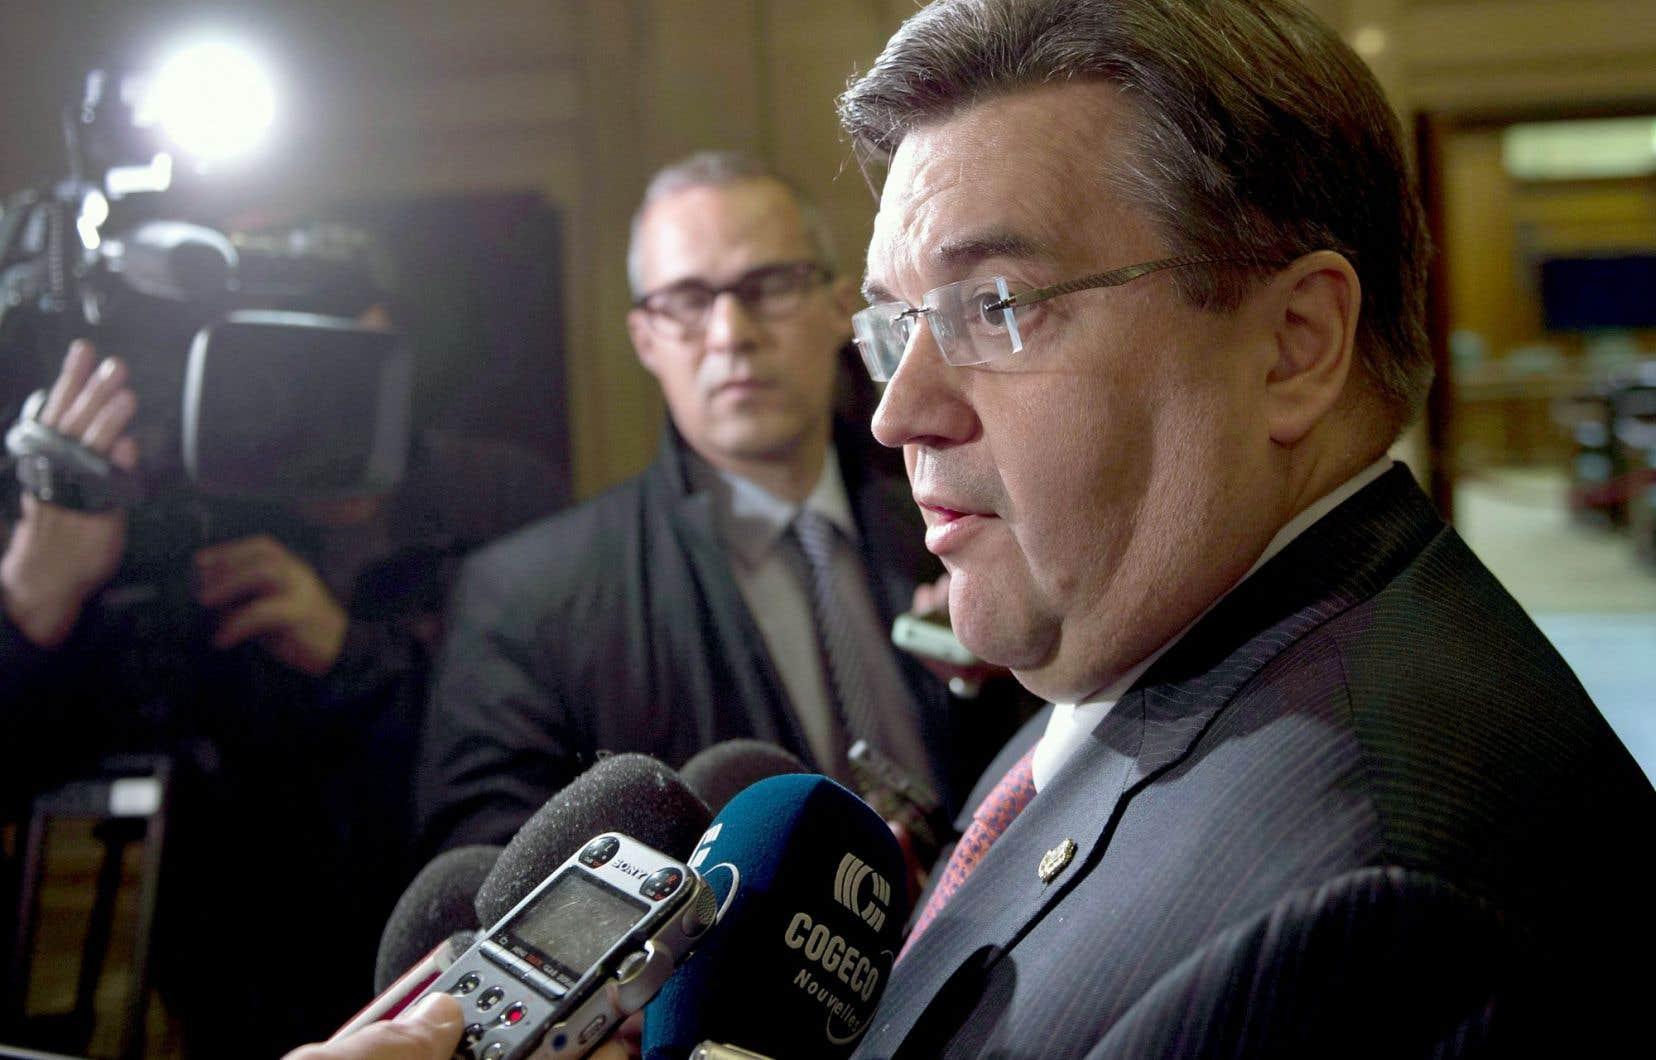 La Ville serait prête à procéder au déversement dans le fleuve Saint-Laurent dès mardi, a laissé entendre vendredi le maire Coderre.